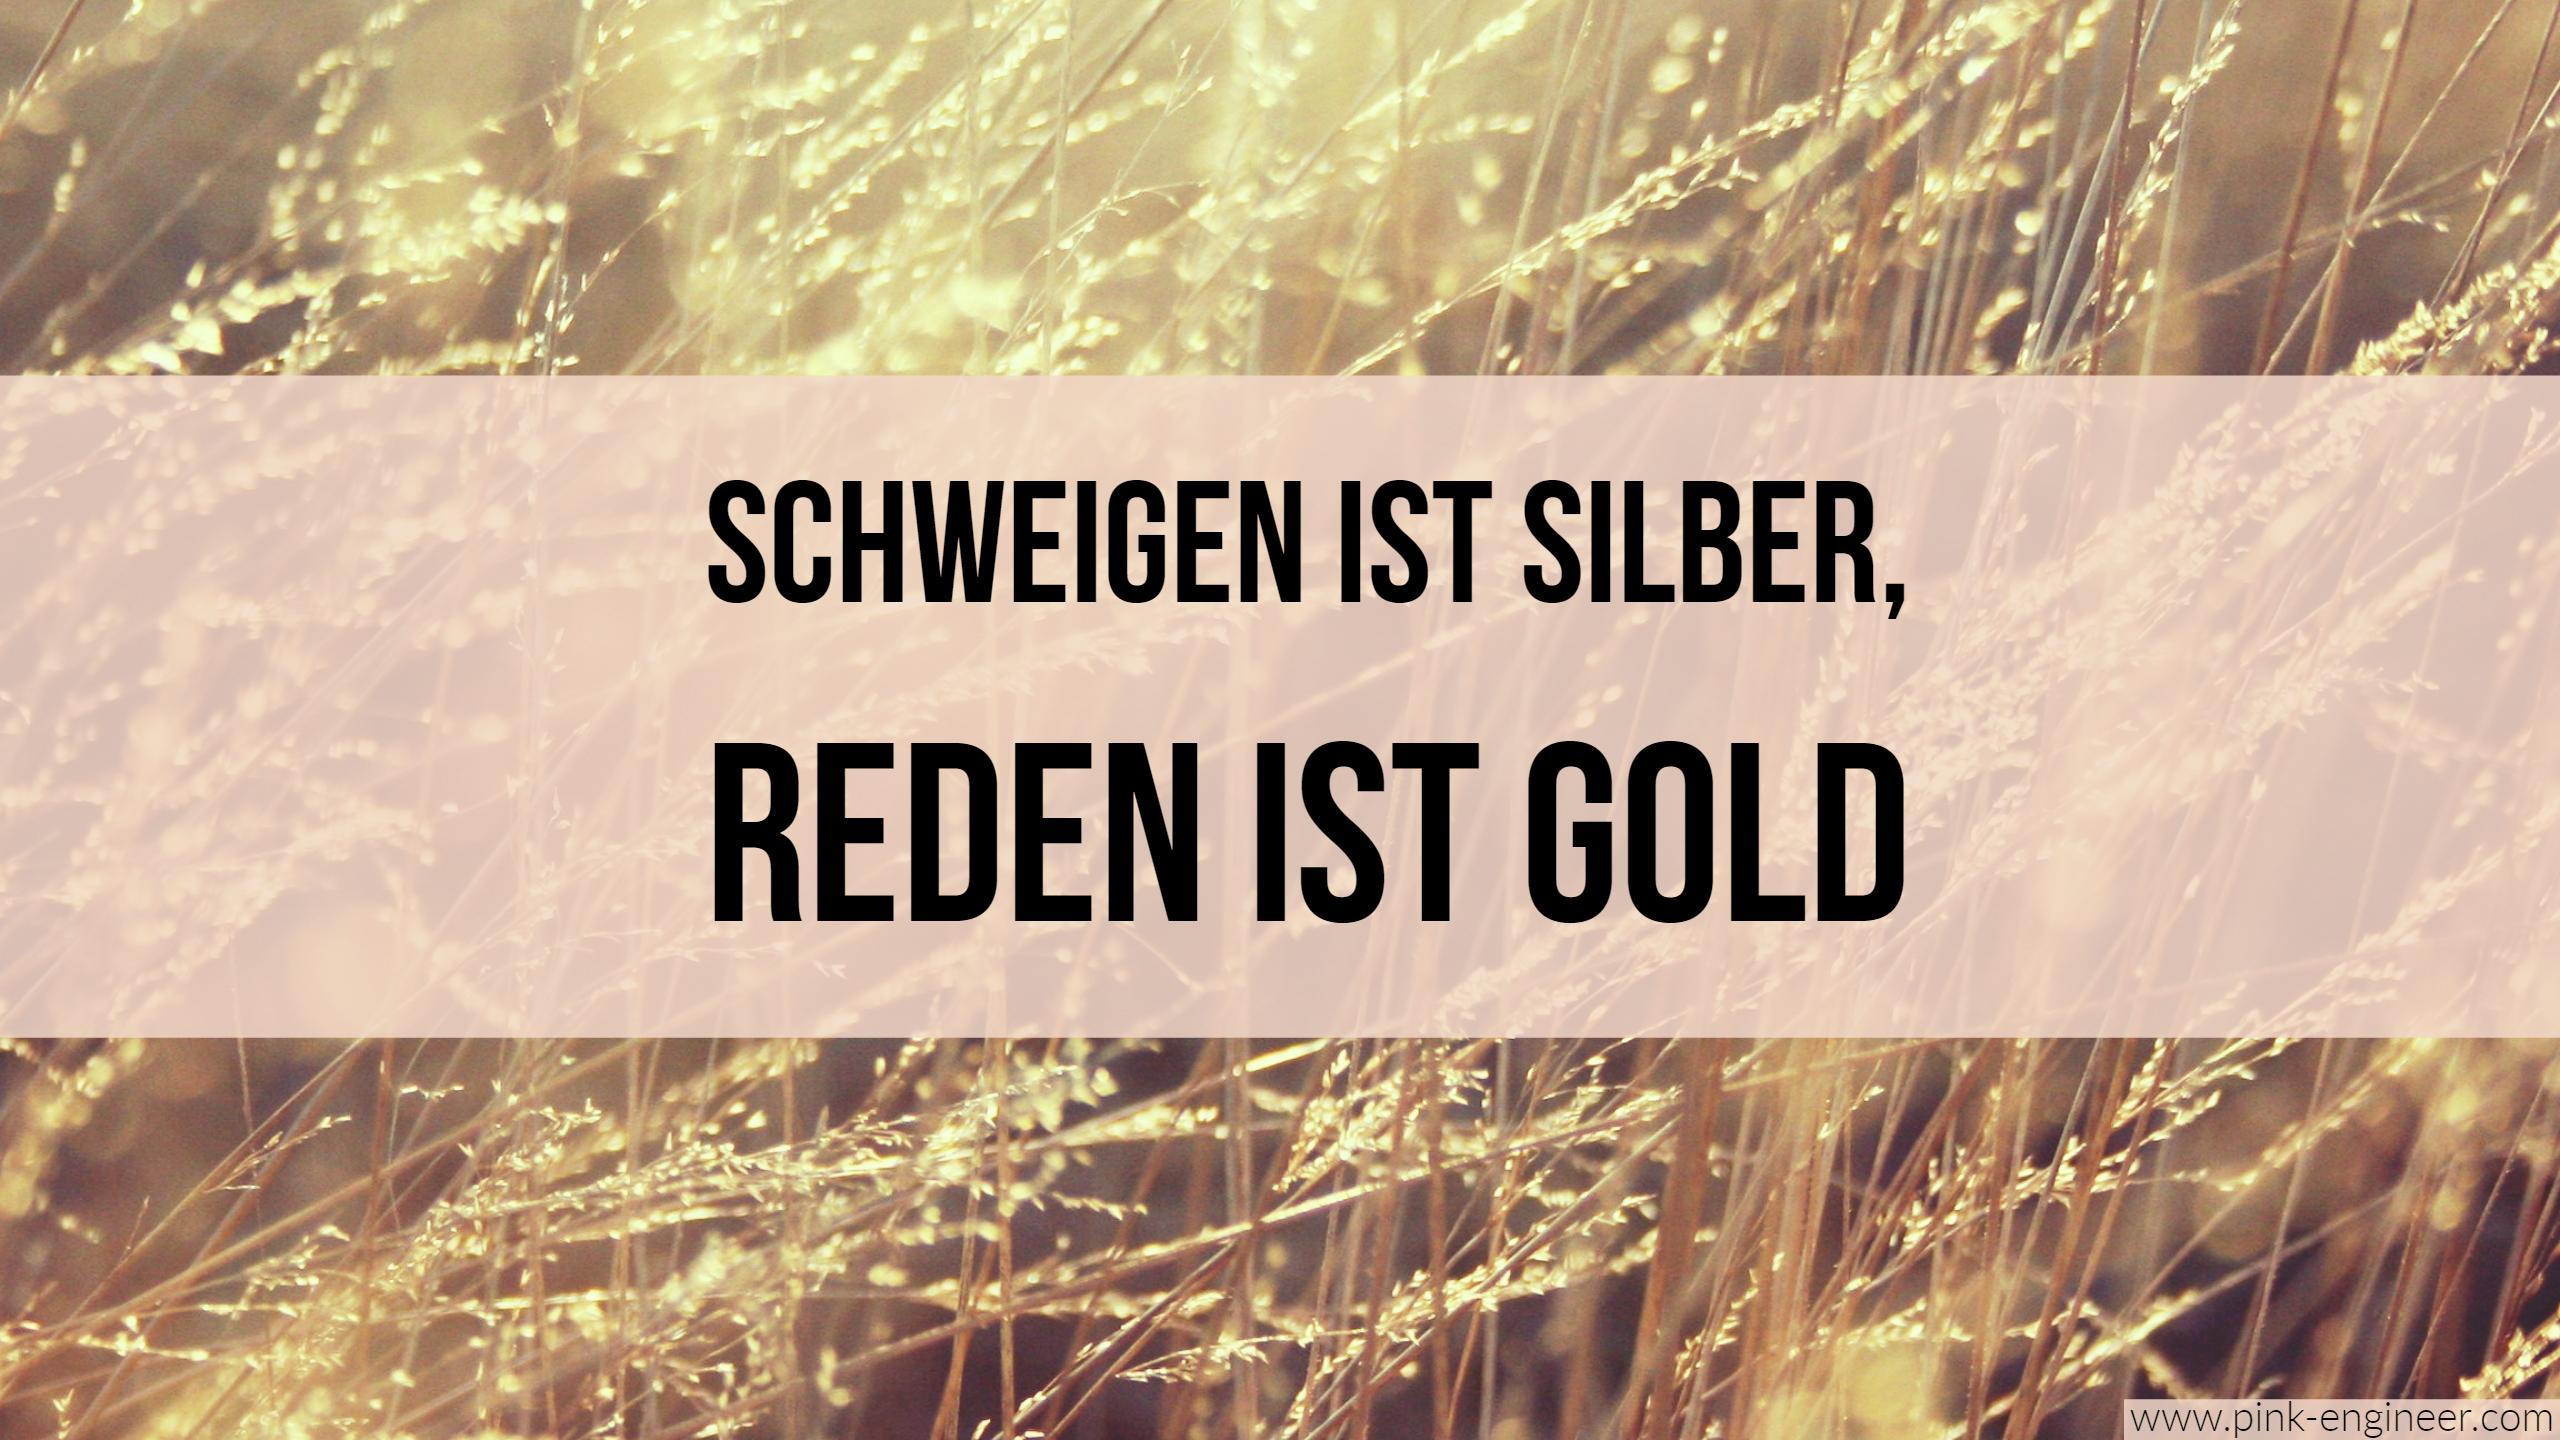 Elevator-Pitch: Schweigen ist Silber, Reden ist Gold